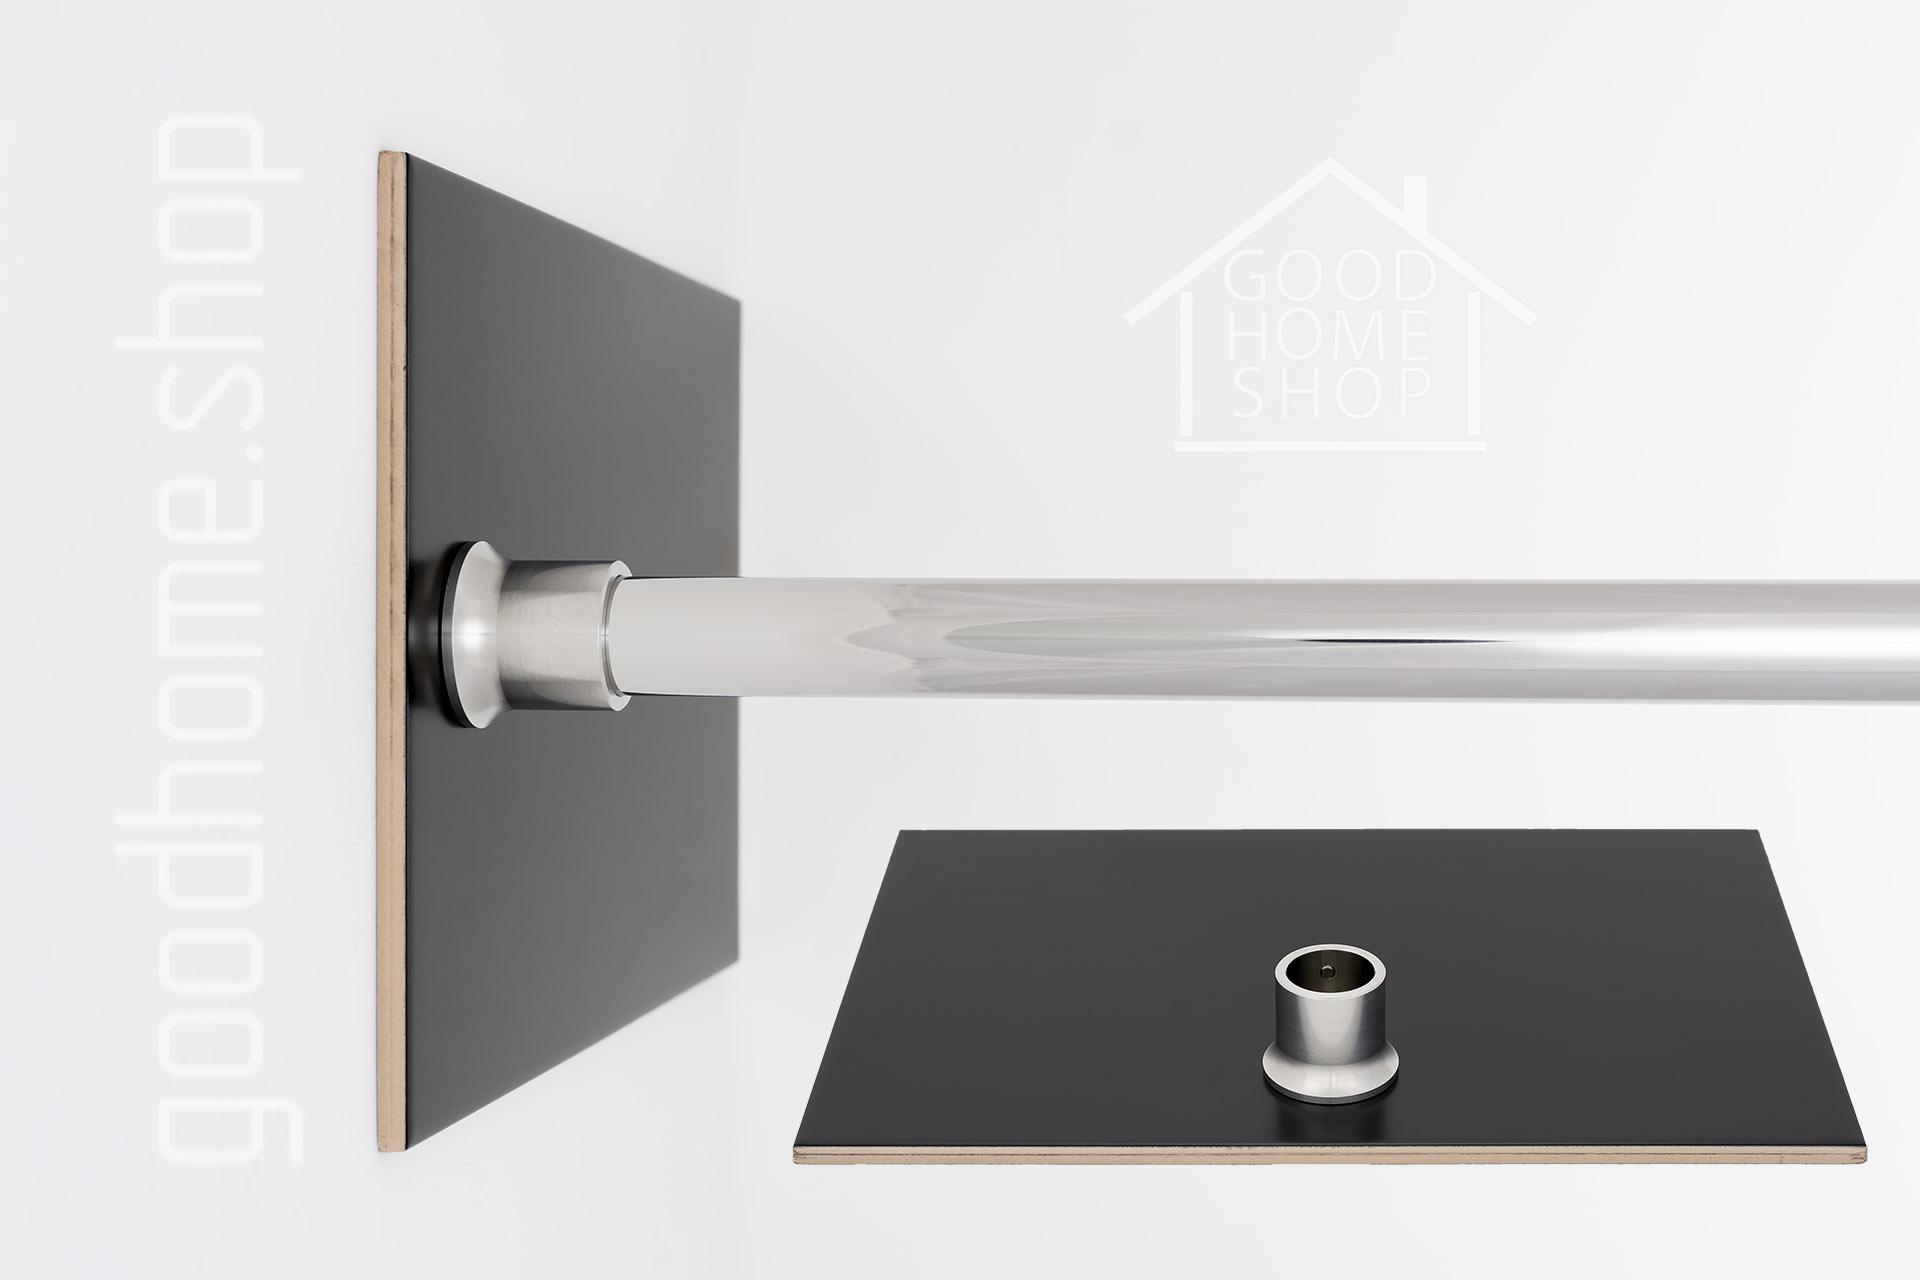 """Карниз для ванной (Штанга) """"премиум"""" Balteco Scala S1 180x120 Г-образный, угловой"""